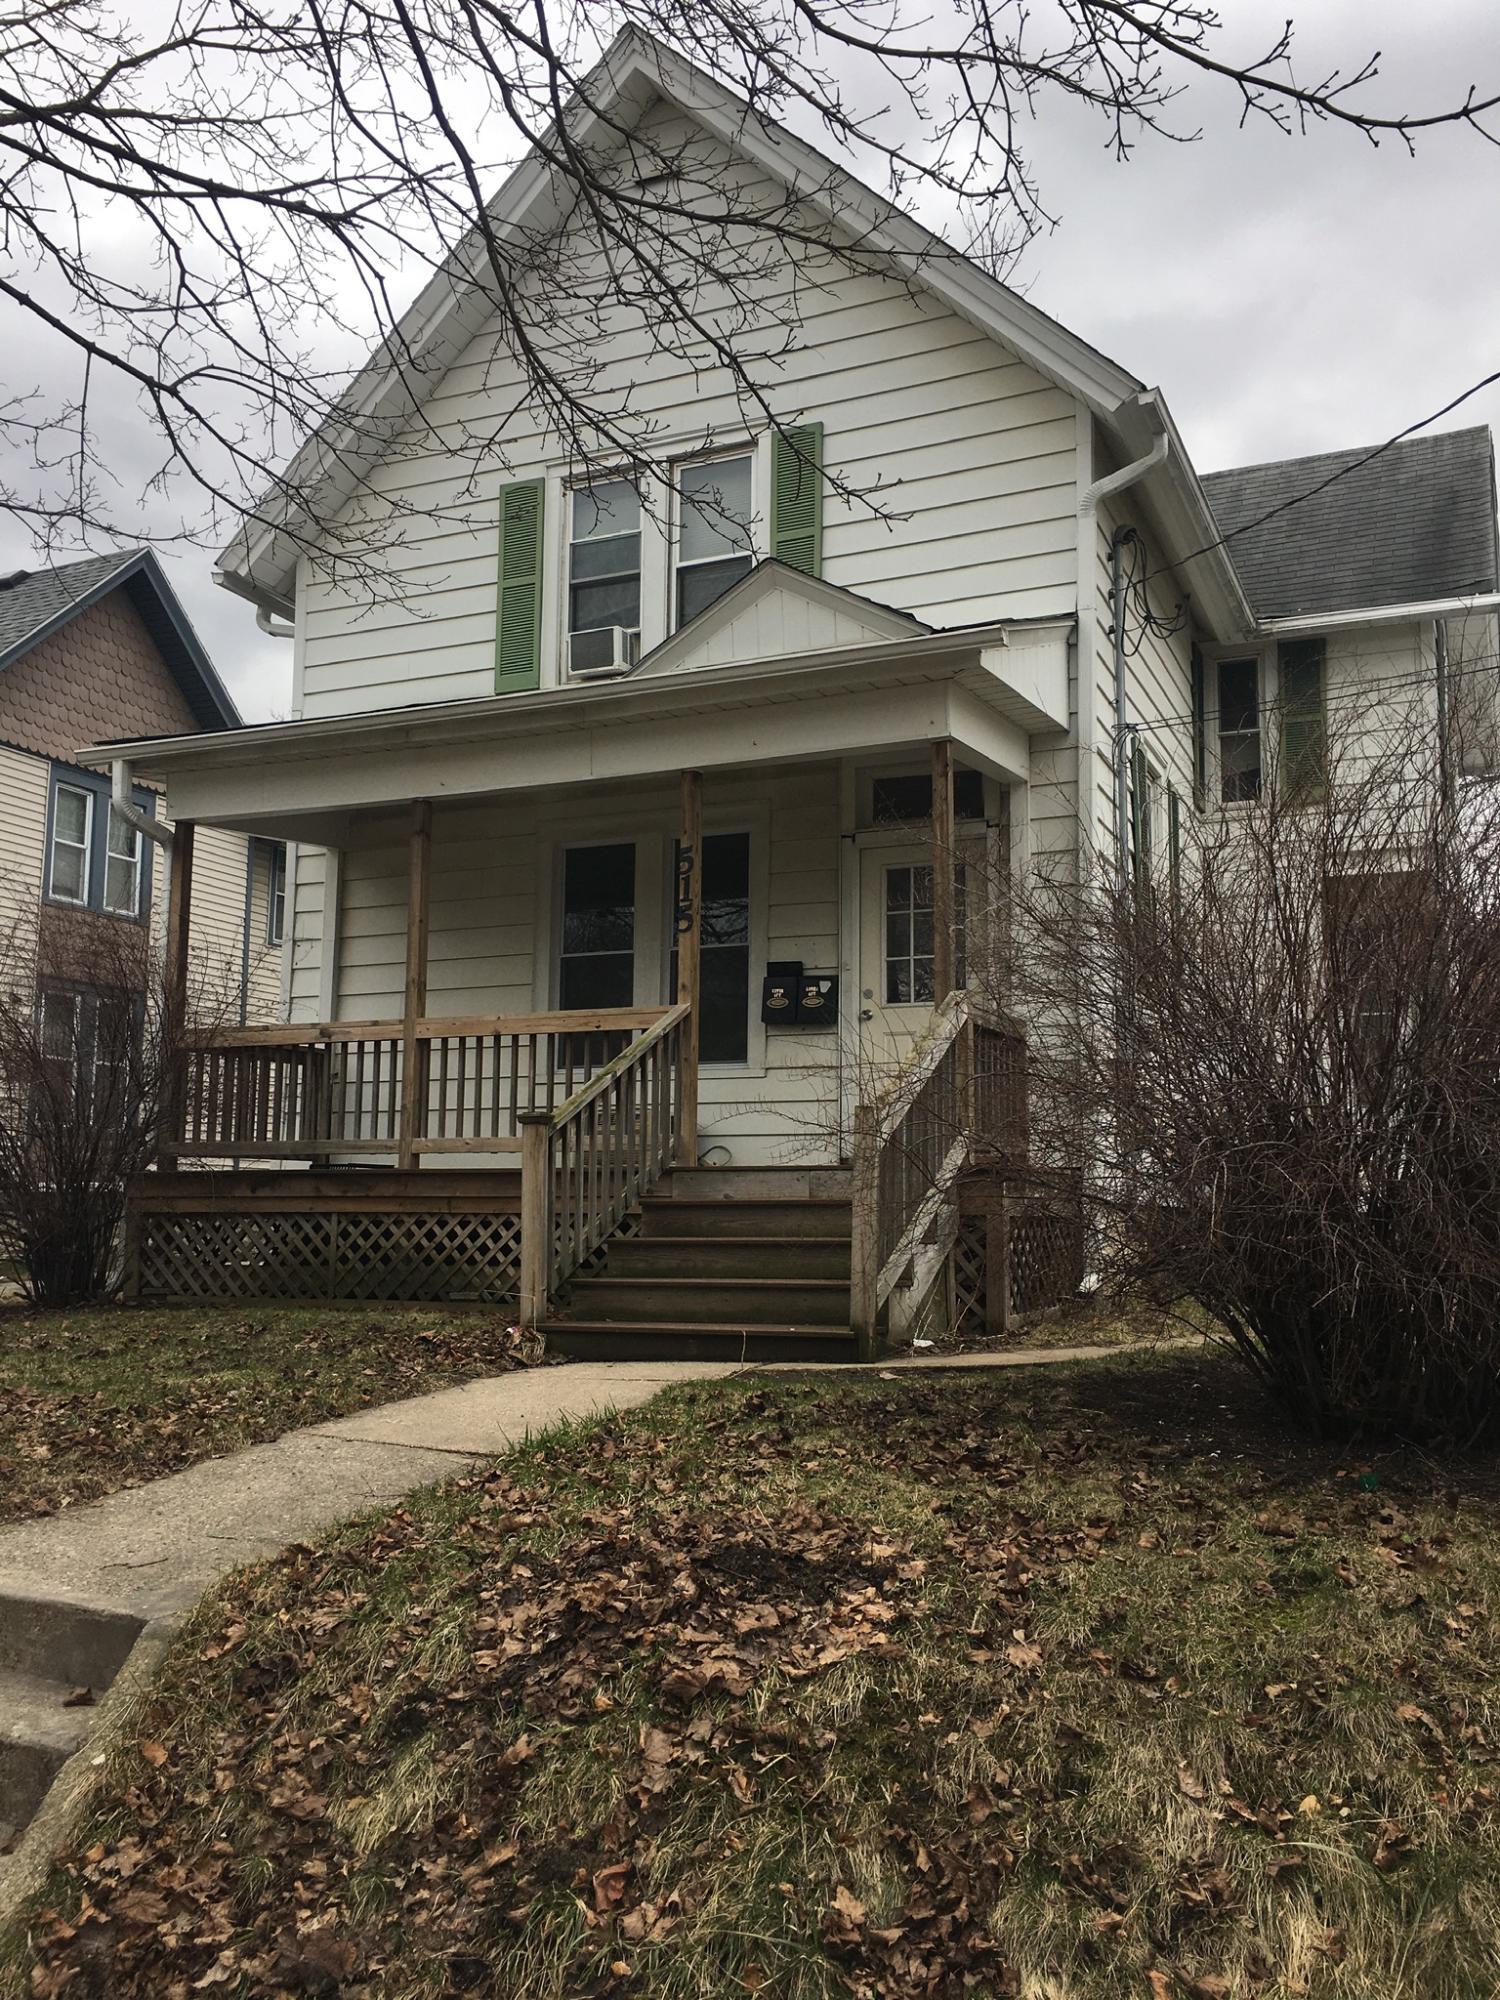 515 Linden St, Waukesha, Wisconsin 53186, 3 Bedrooms Bedrooms, 5 Rooms Rooms,1 BathroomBathrooms,Two-Family,For Sale,Linden St,1,1688270